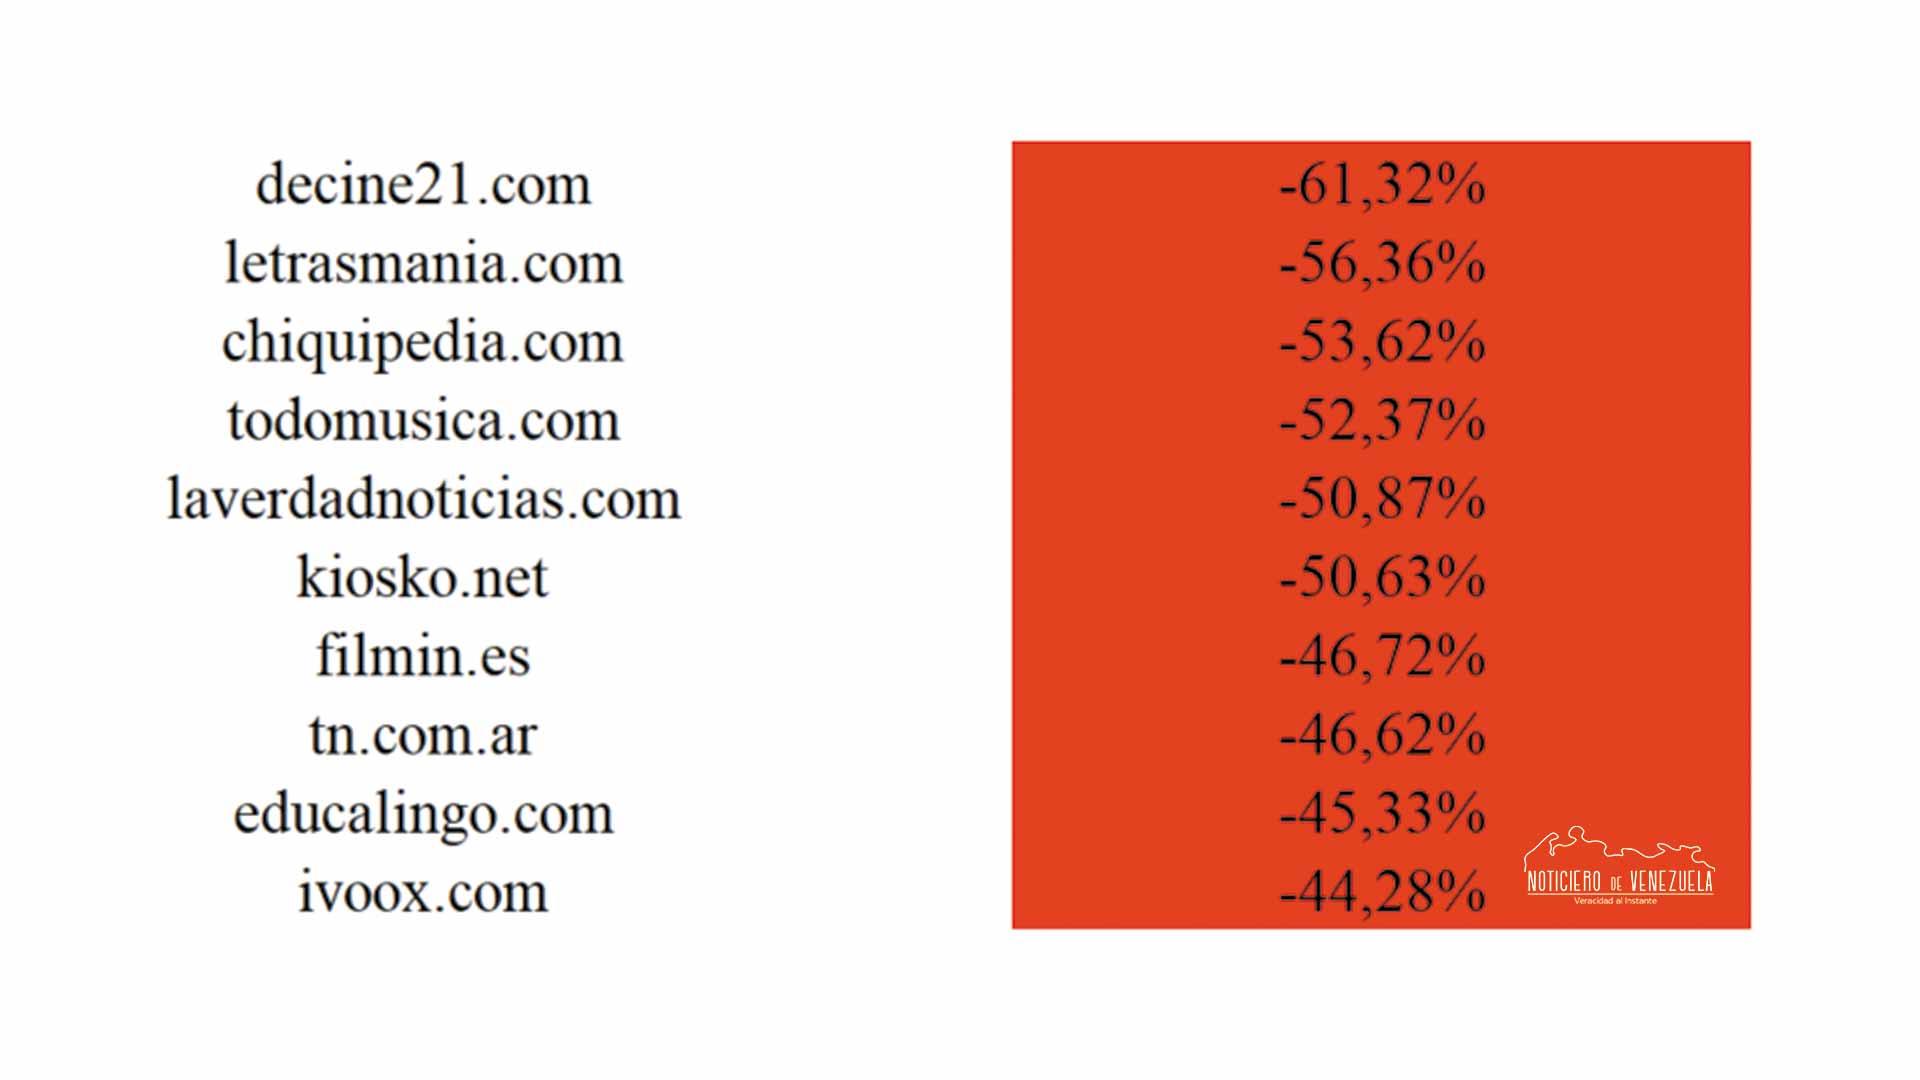 Actualizaciones-de-Google-Noticiero-de-Venezuela